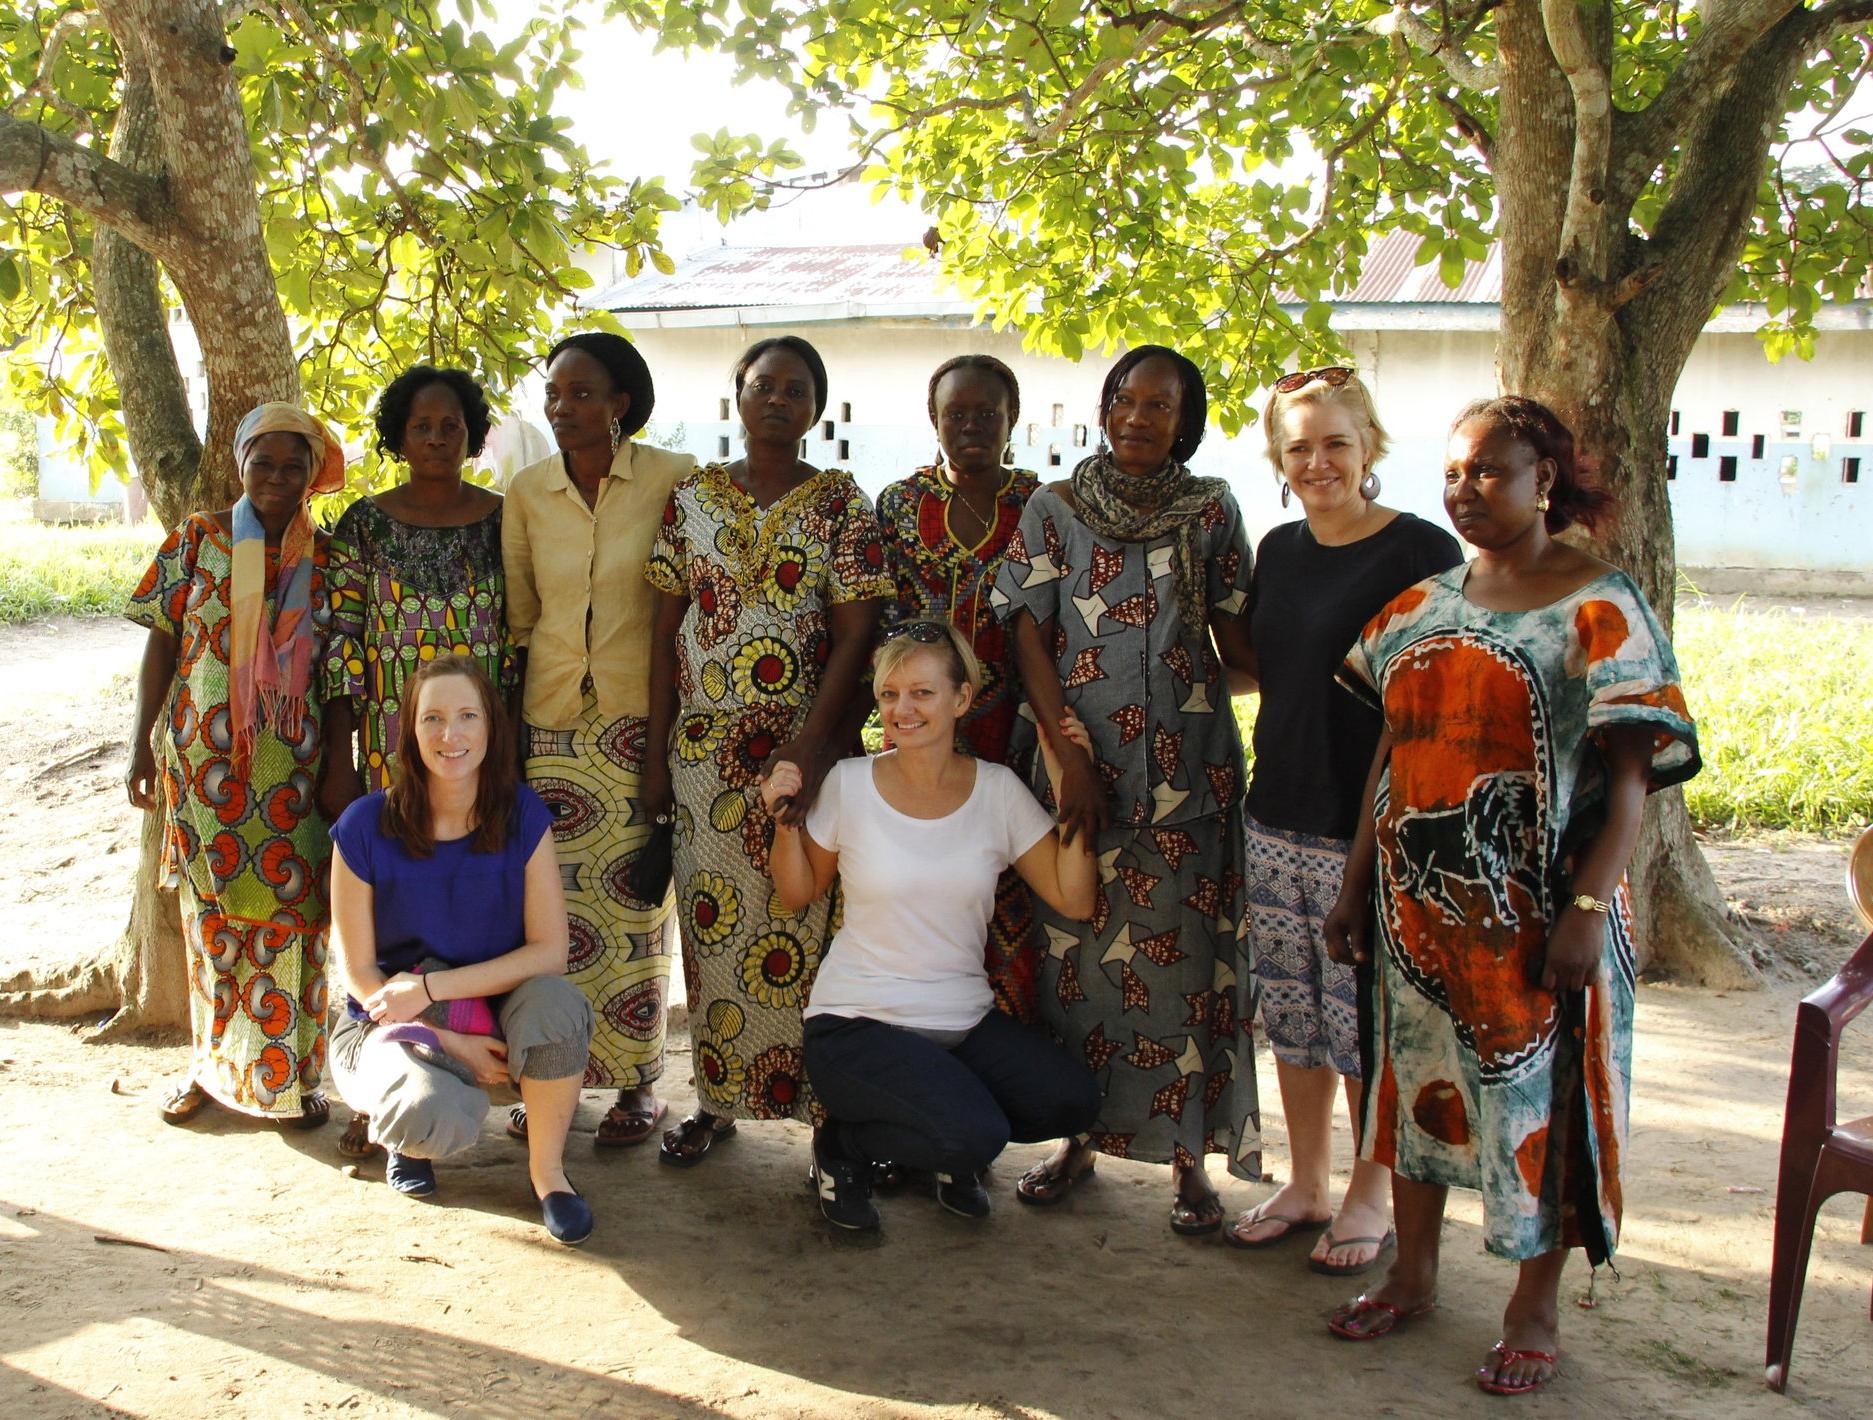 La Afrika Leve jentene, fra venstre Anette Wiborg, Vera Eriksrød og Tonje Aronsen, sammen med kvinner i landsbyen Odziba.